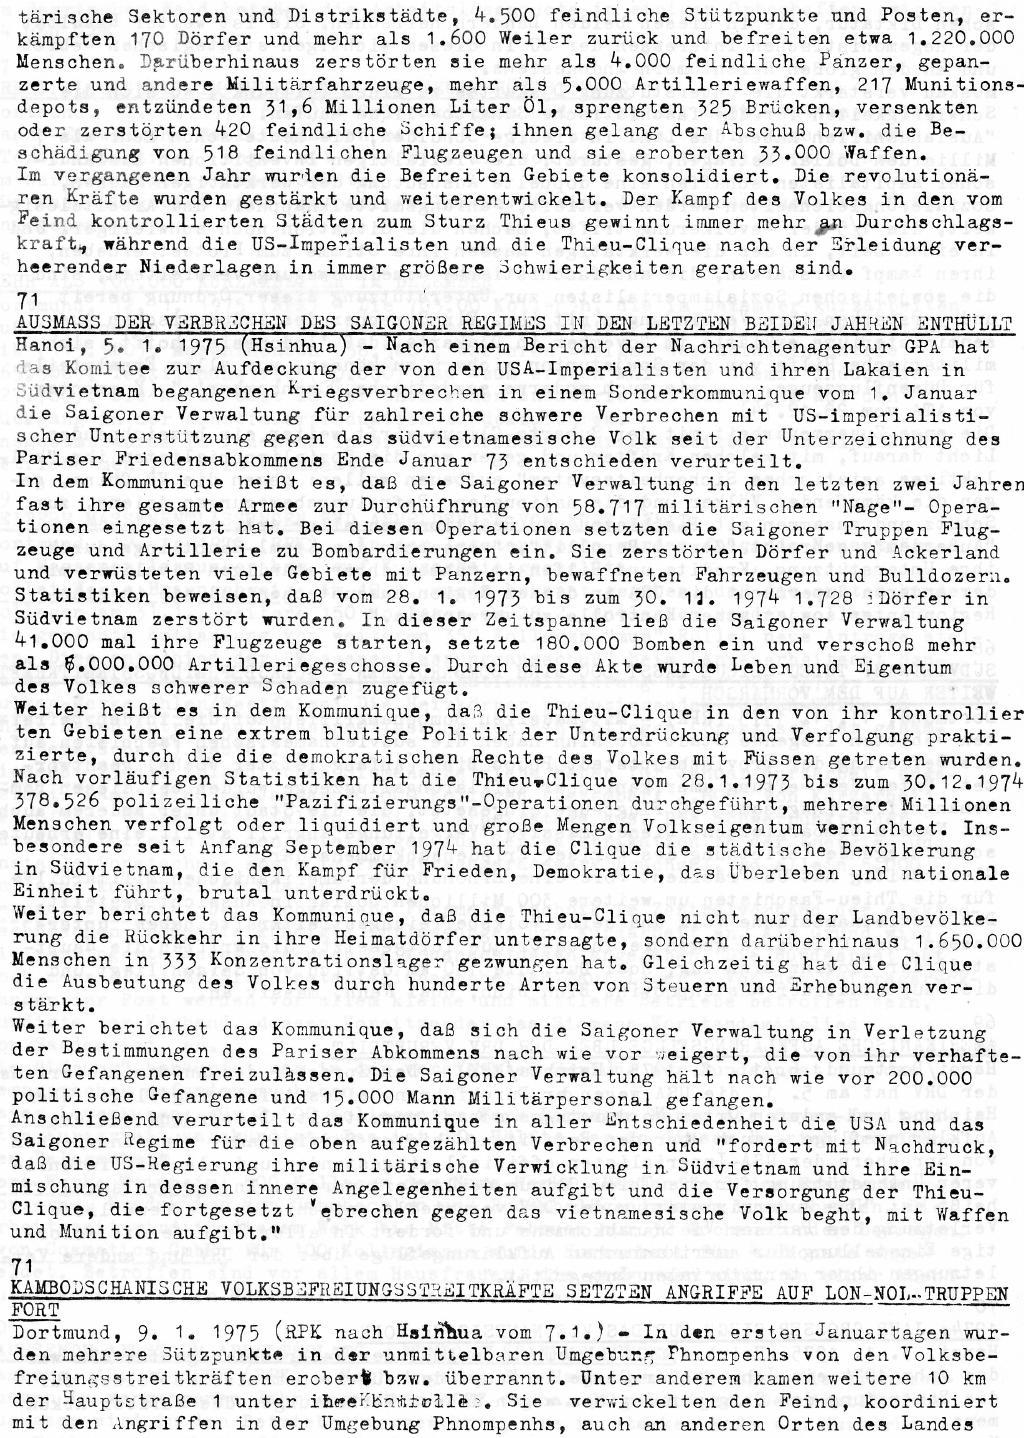 RPK_Pressedienst_1975_08_10